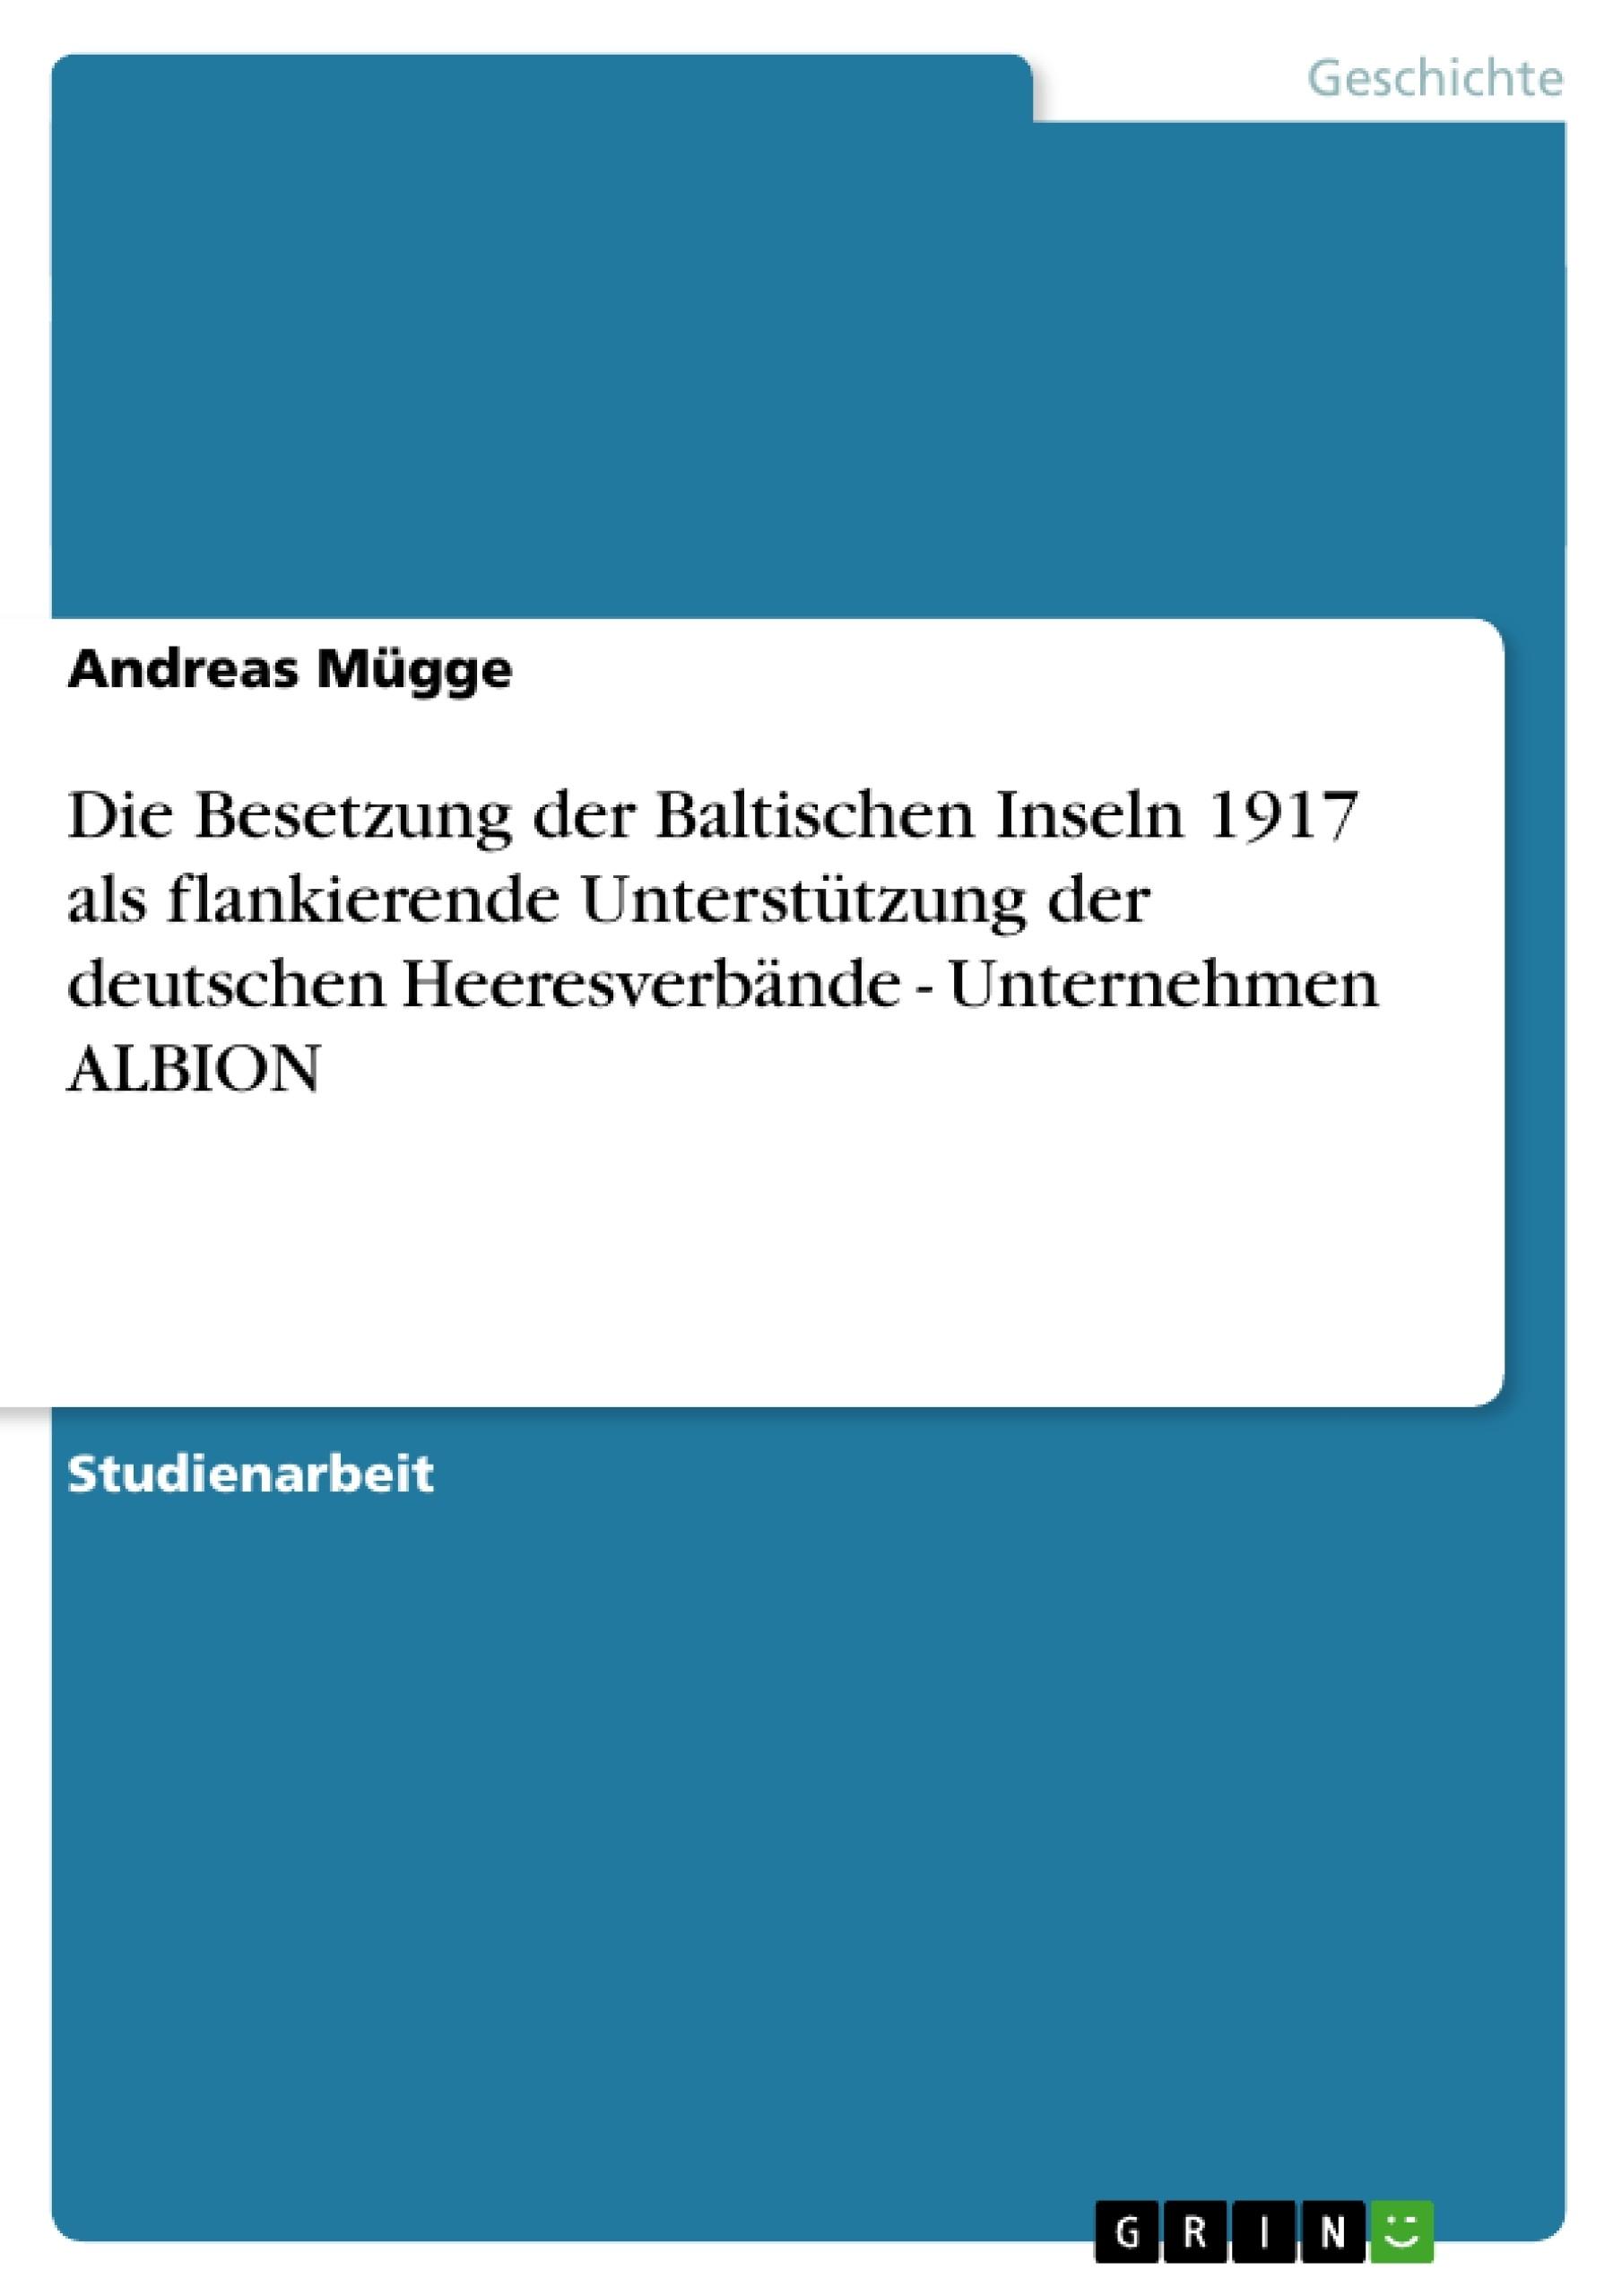 Titel: Die Besetzung der Baltischen Inseln 1917 als flankierende Unterstützung der deutschen Heeresverbände - Unternehmen ALBION